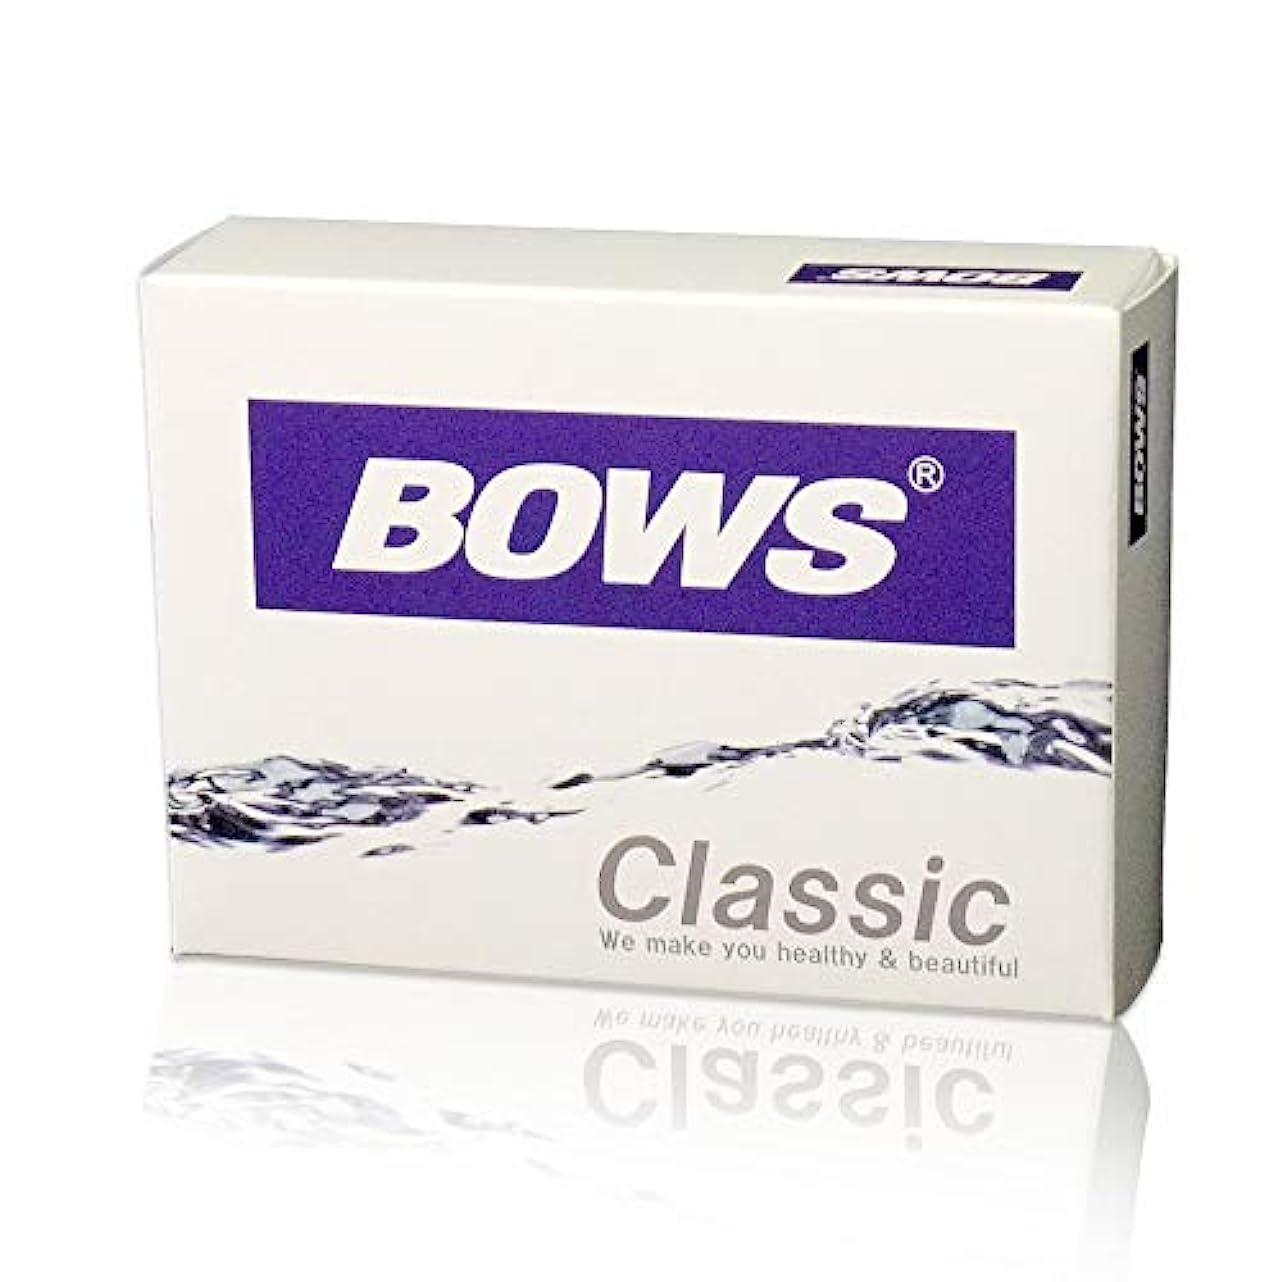 ブラウン豊かな母音BOWS Classic(ボウス クラシック) 90g (30包)